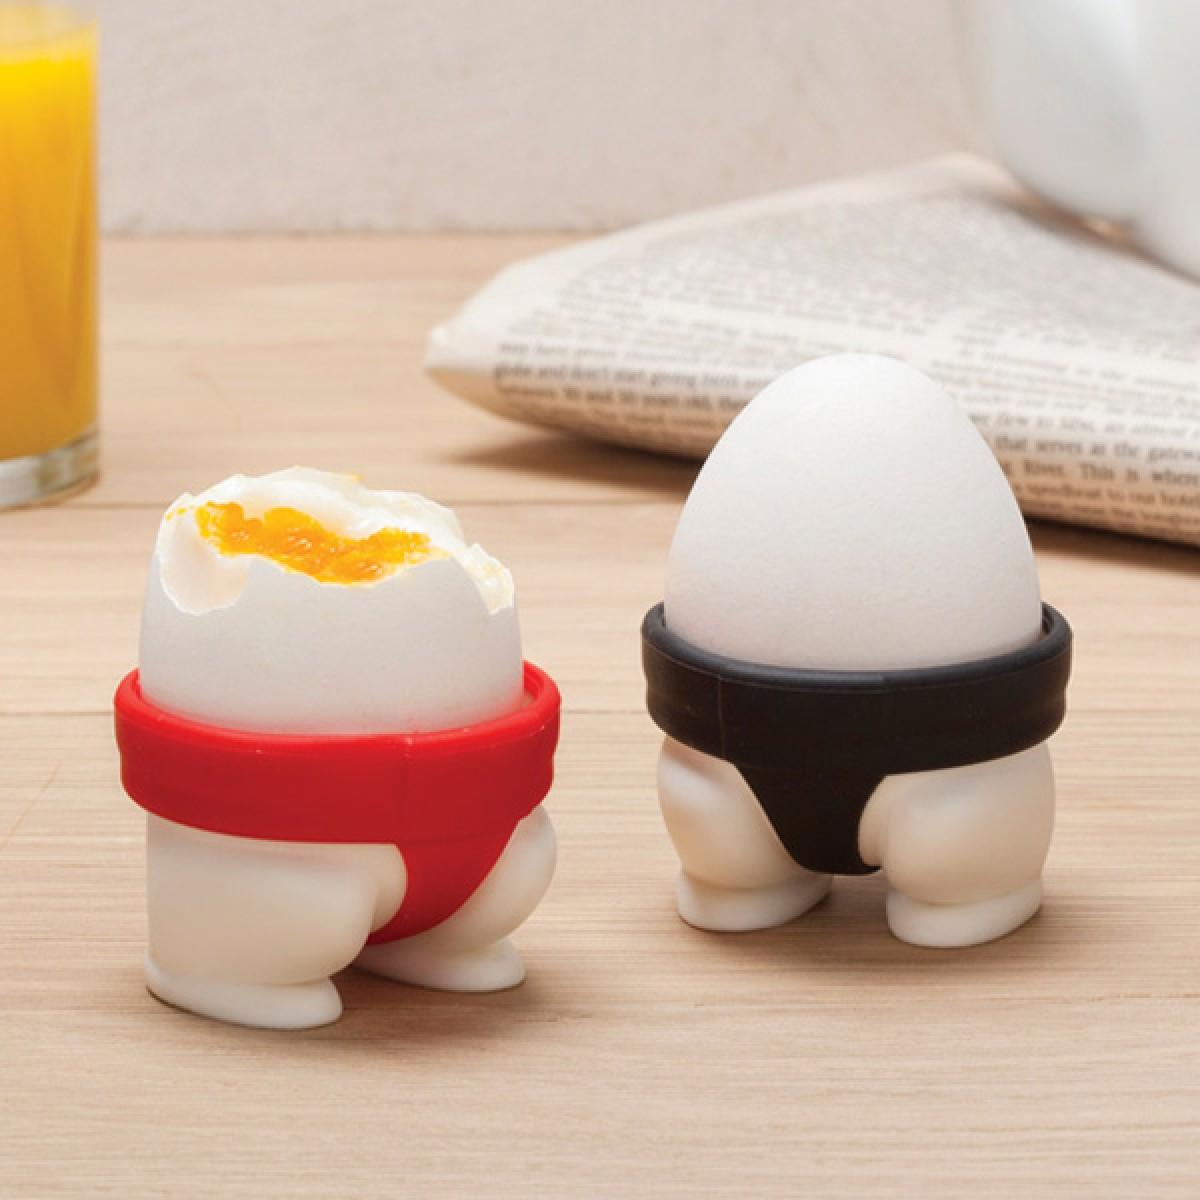 خرید اینترنتی جا تخم مرغی SUMO EGGS 2 EGG CUPS خرید آنلاین